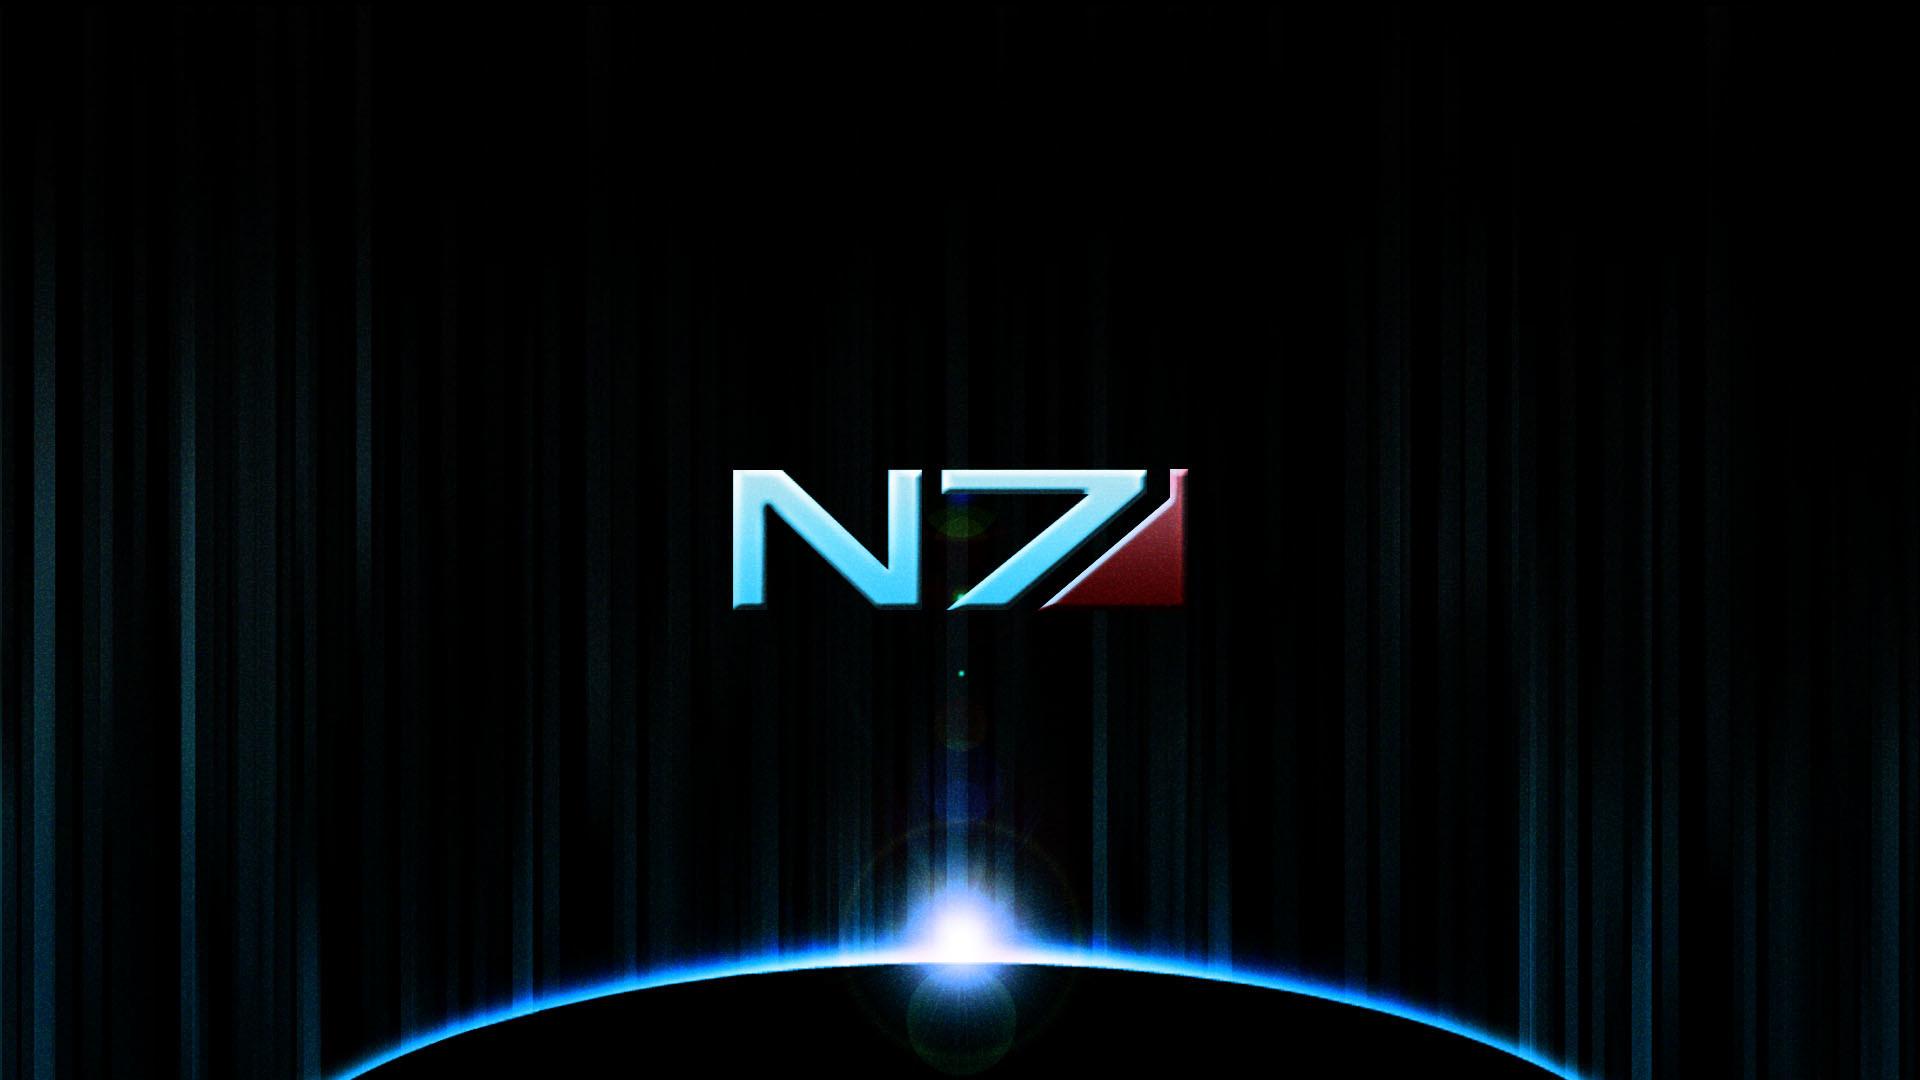 Mass Effect Wallpaper Logo HD